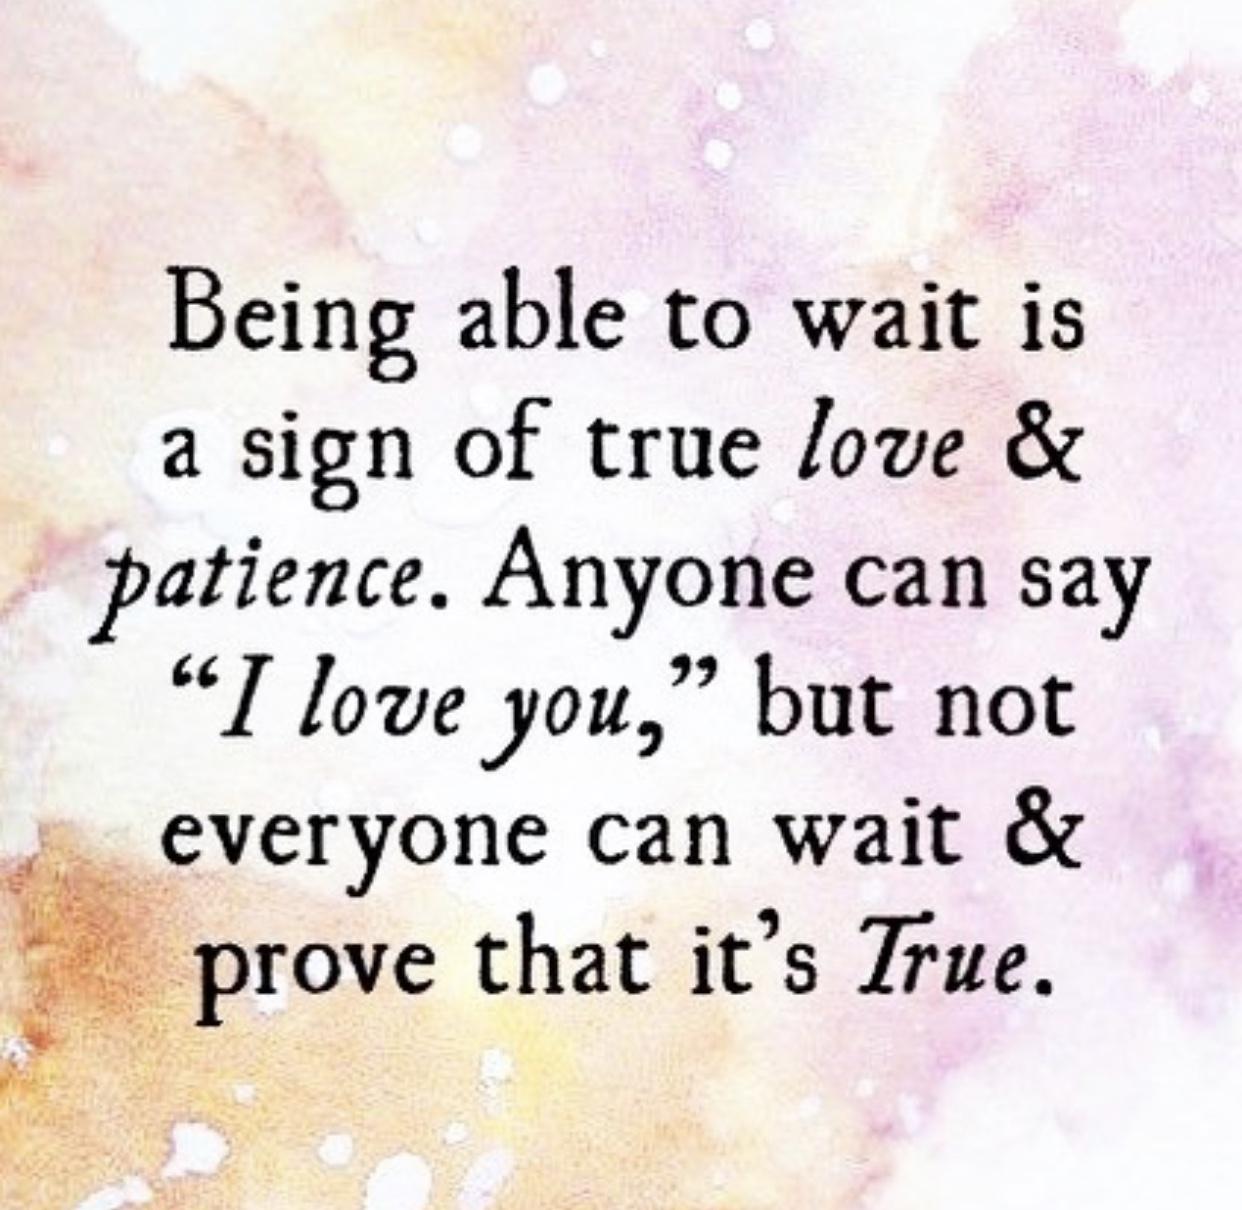 True love 💘